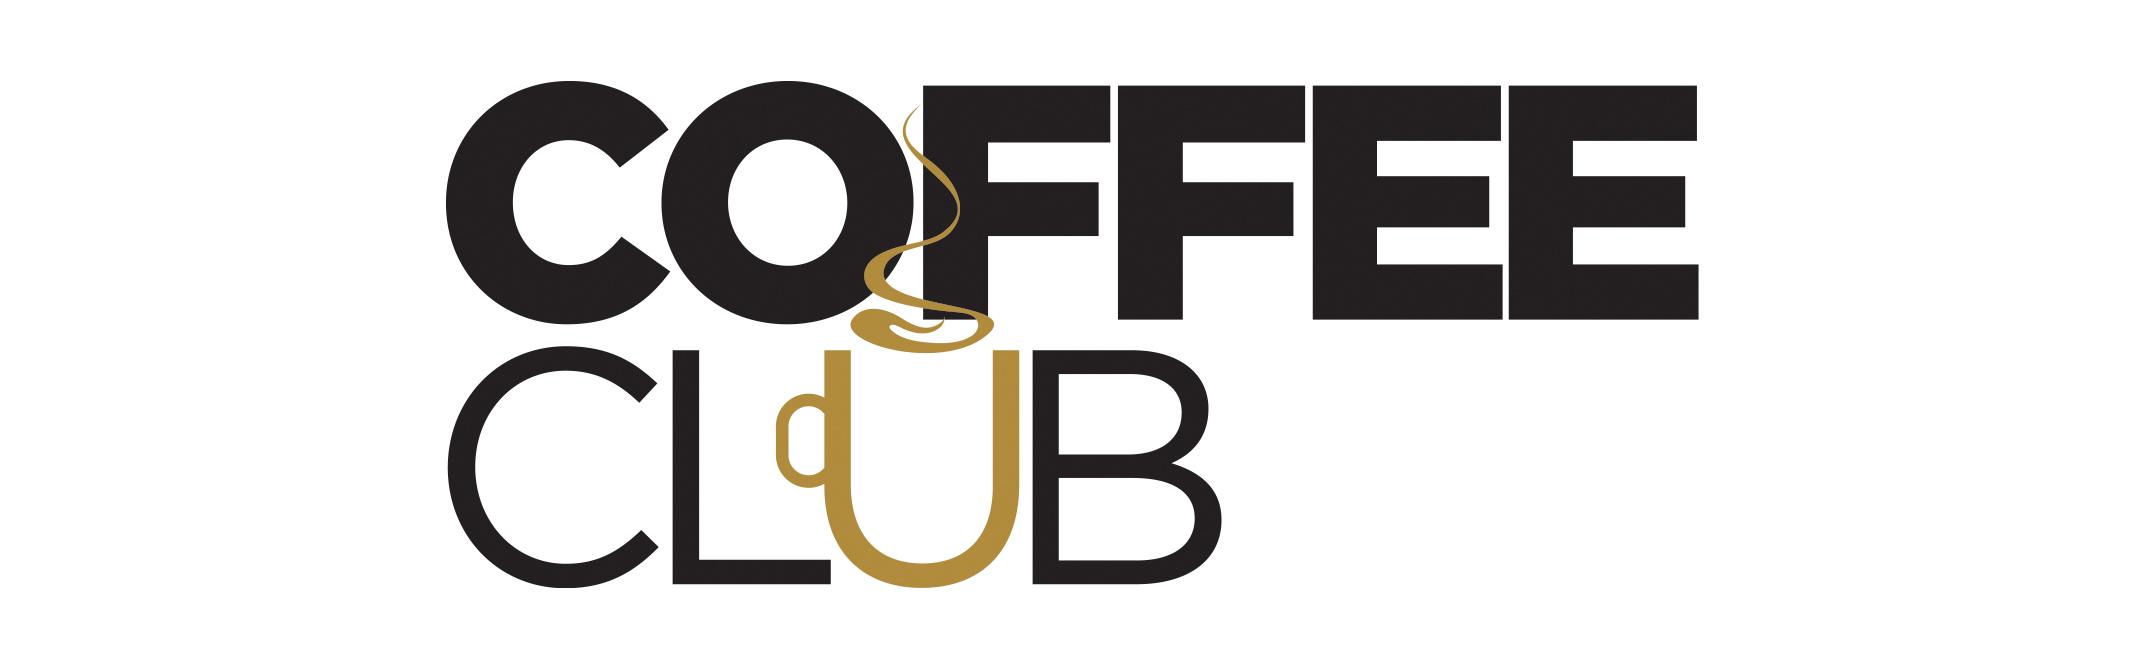 Coffee Club.jpg